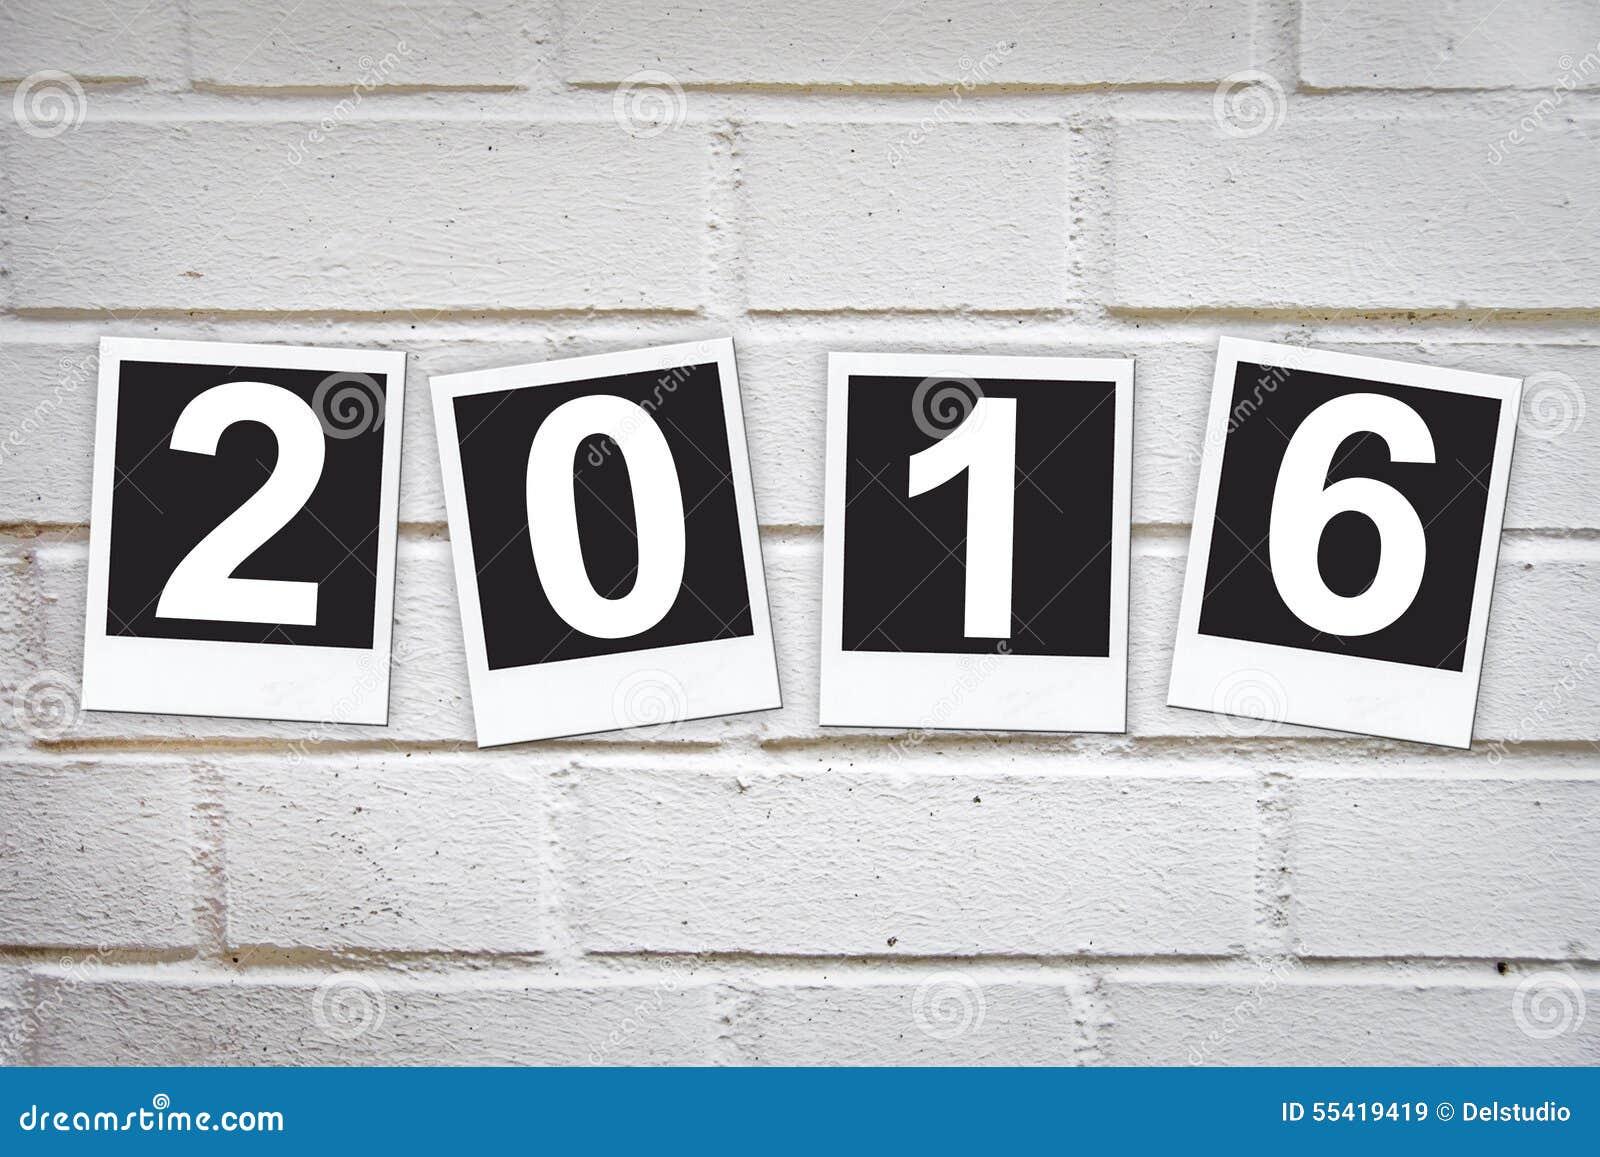 2016 dans les cadres instantan s de photo sur un mur de briques photo stock image 55419419. Black Bedroom Furniture Sets. Home Design Ideas